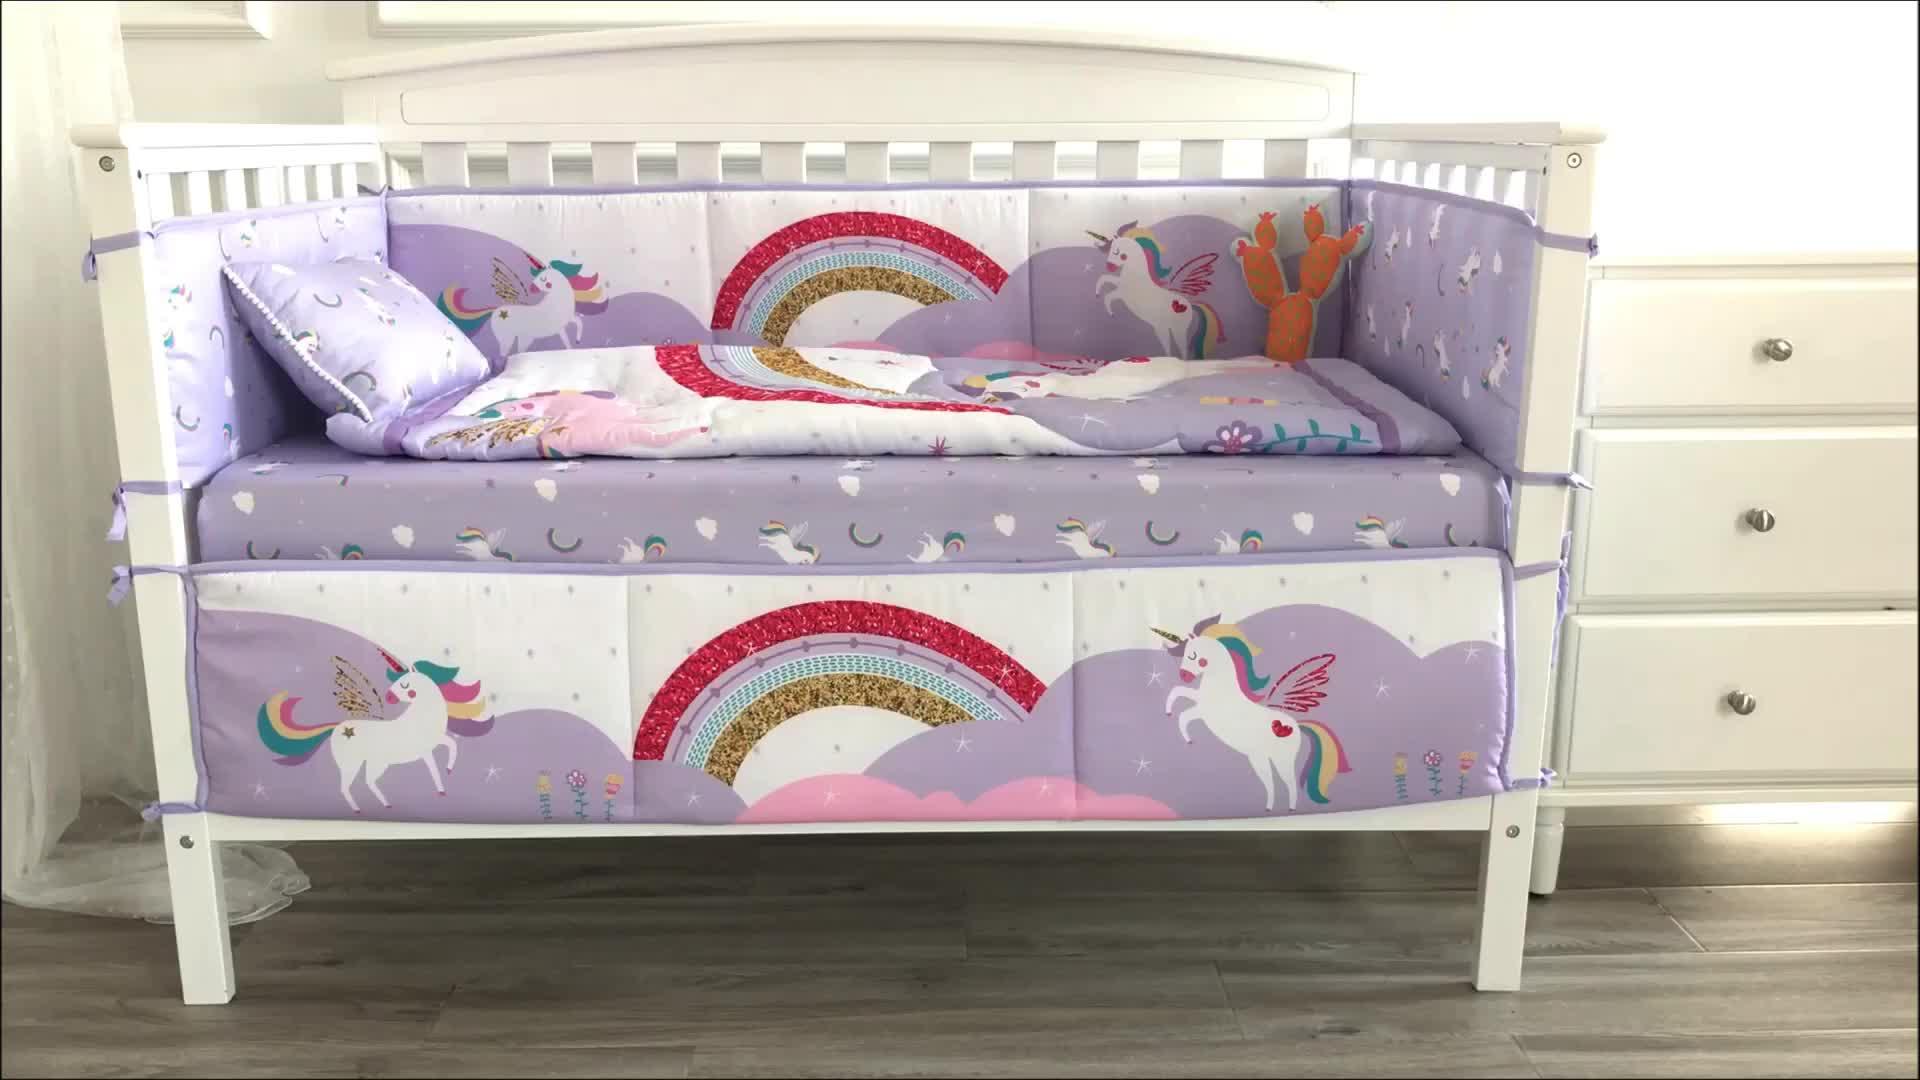 Cầu Vồng Unicorn Chủ Đề Cot Đặt Nôi Bộ Đồ Giường Hữu Cơ Giường Cũi Em Bé Giường Đặt Cho Cô Gái